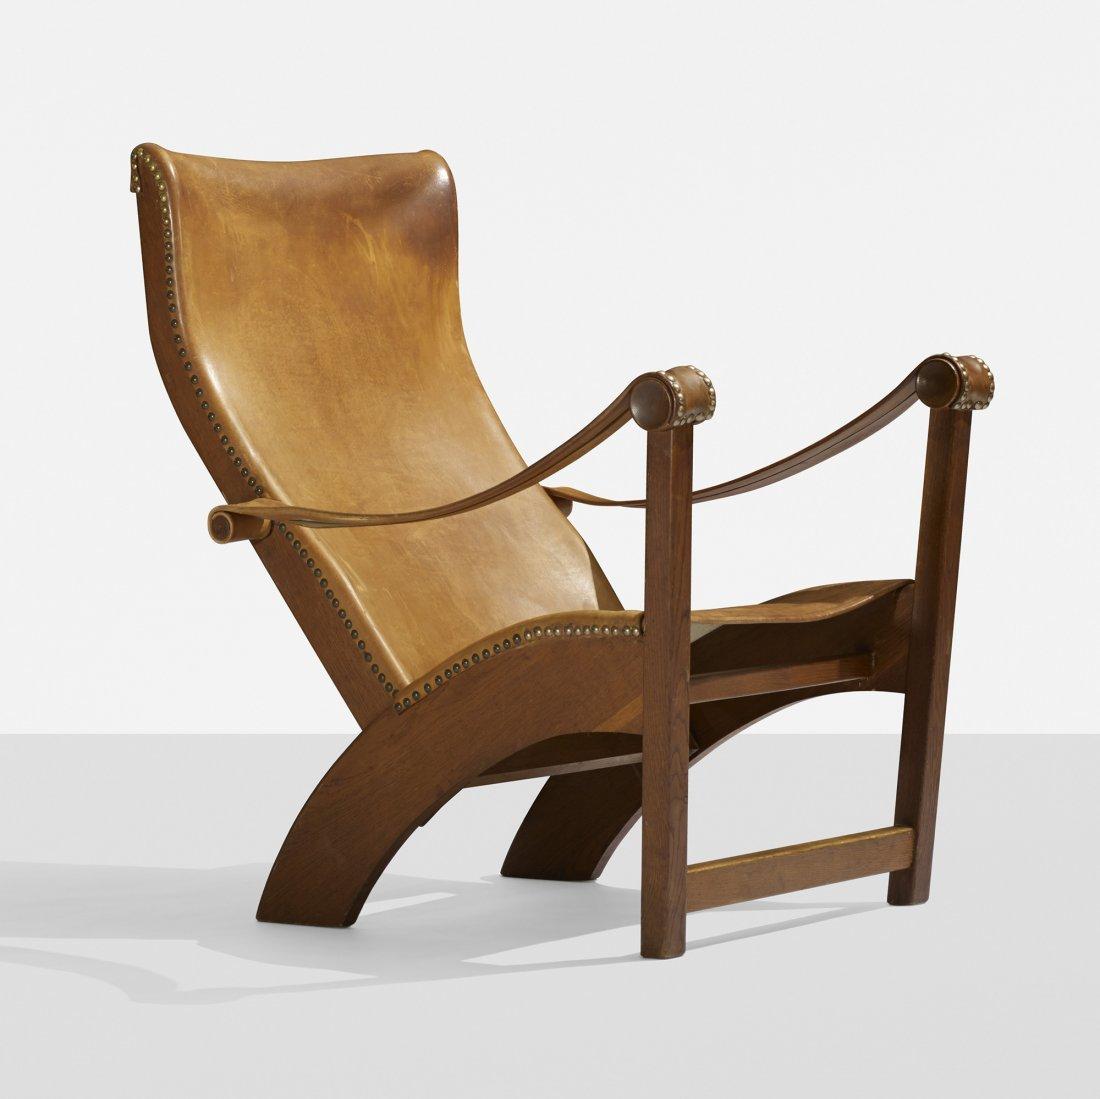 Mogens Voltelen Copenhagen chair